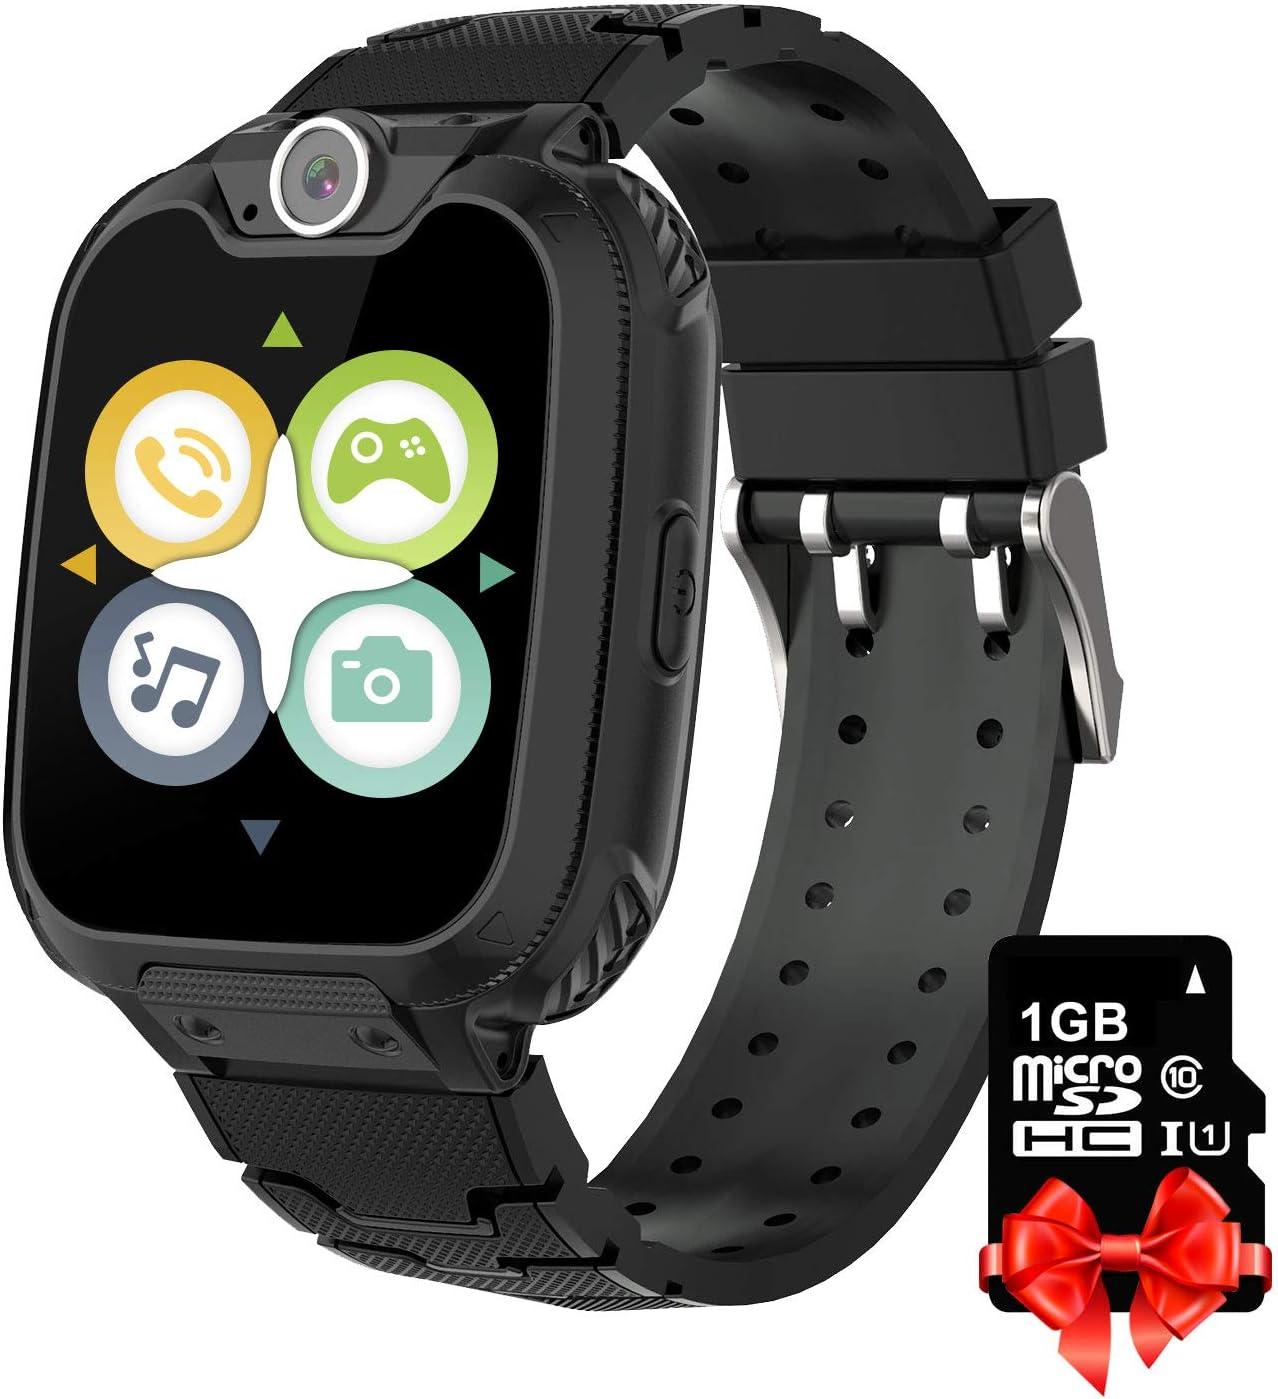 Reproductor de música para niños Smart Watch Phone para niños -Games Watch Phone con tarjeta SD de 1GB Incluido 1.55 '' HD Pantalla táctil Smartwatch Cámara Reloj para niños y niñas Regalo (Negro)